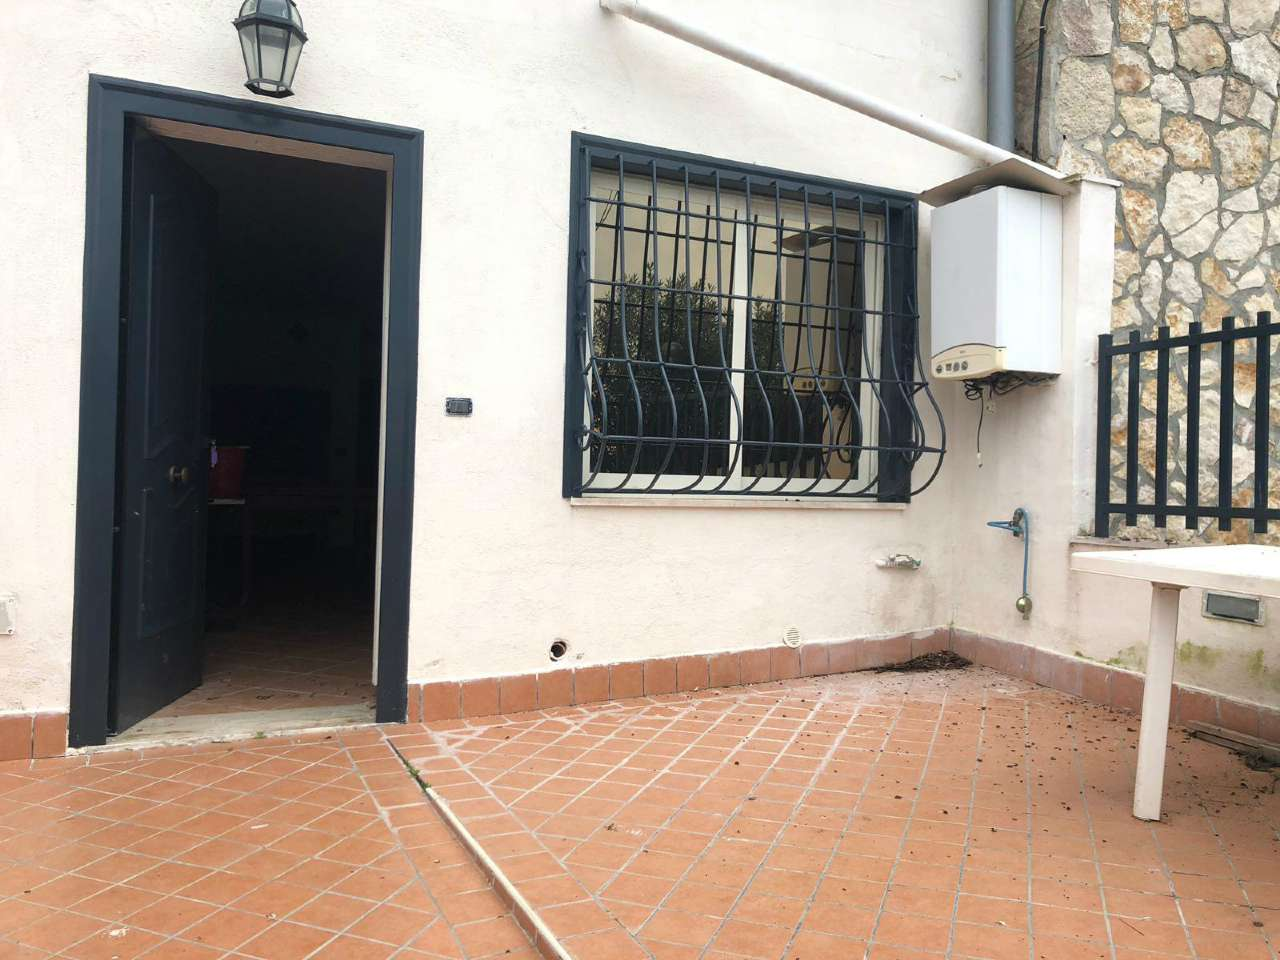 Trilocale Indipendente Arredato Con Terrazzo a Livello - Via Barco